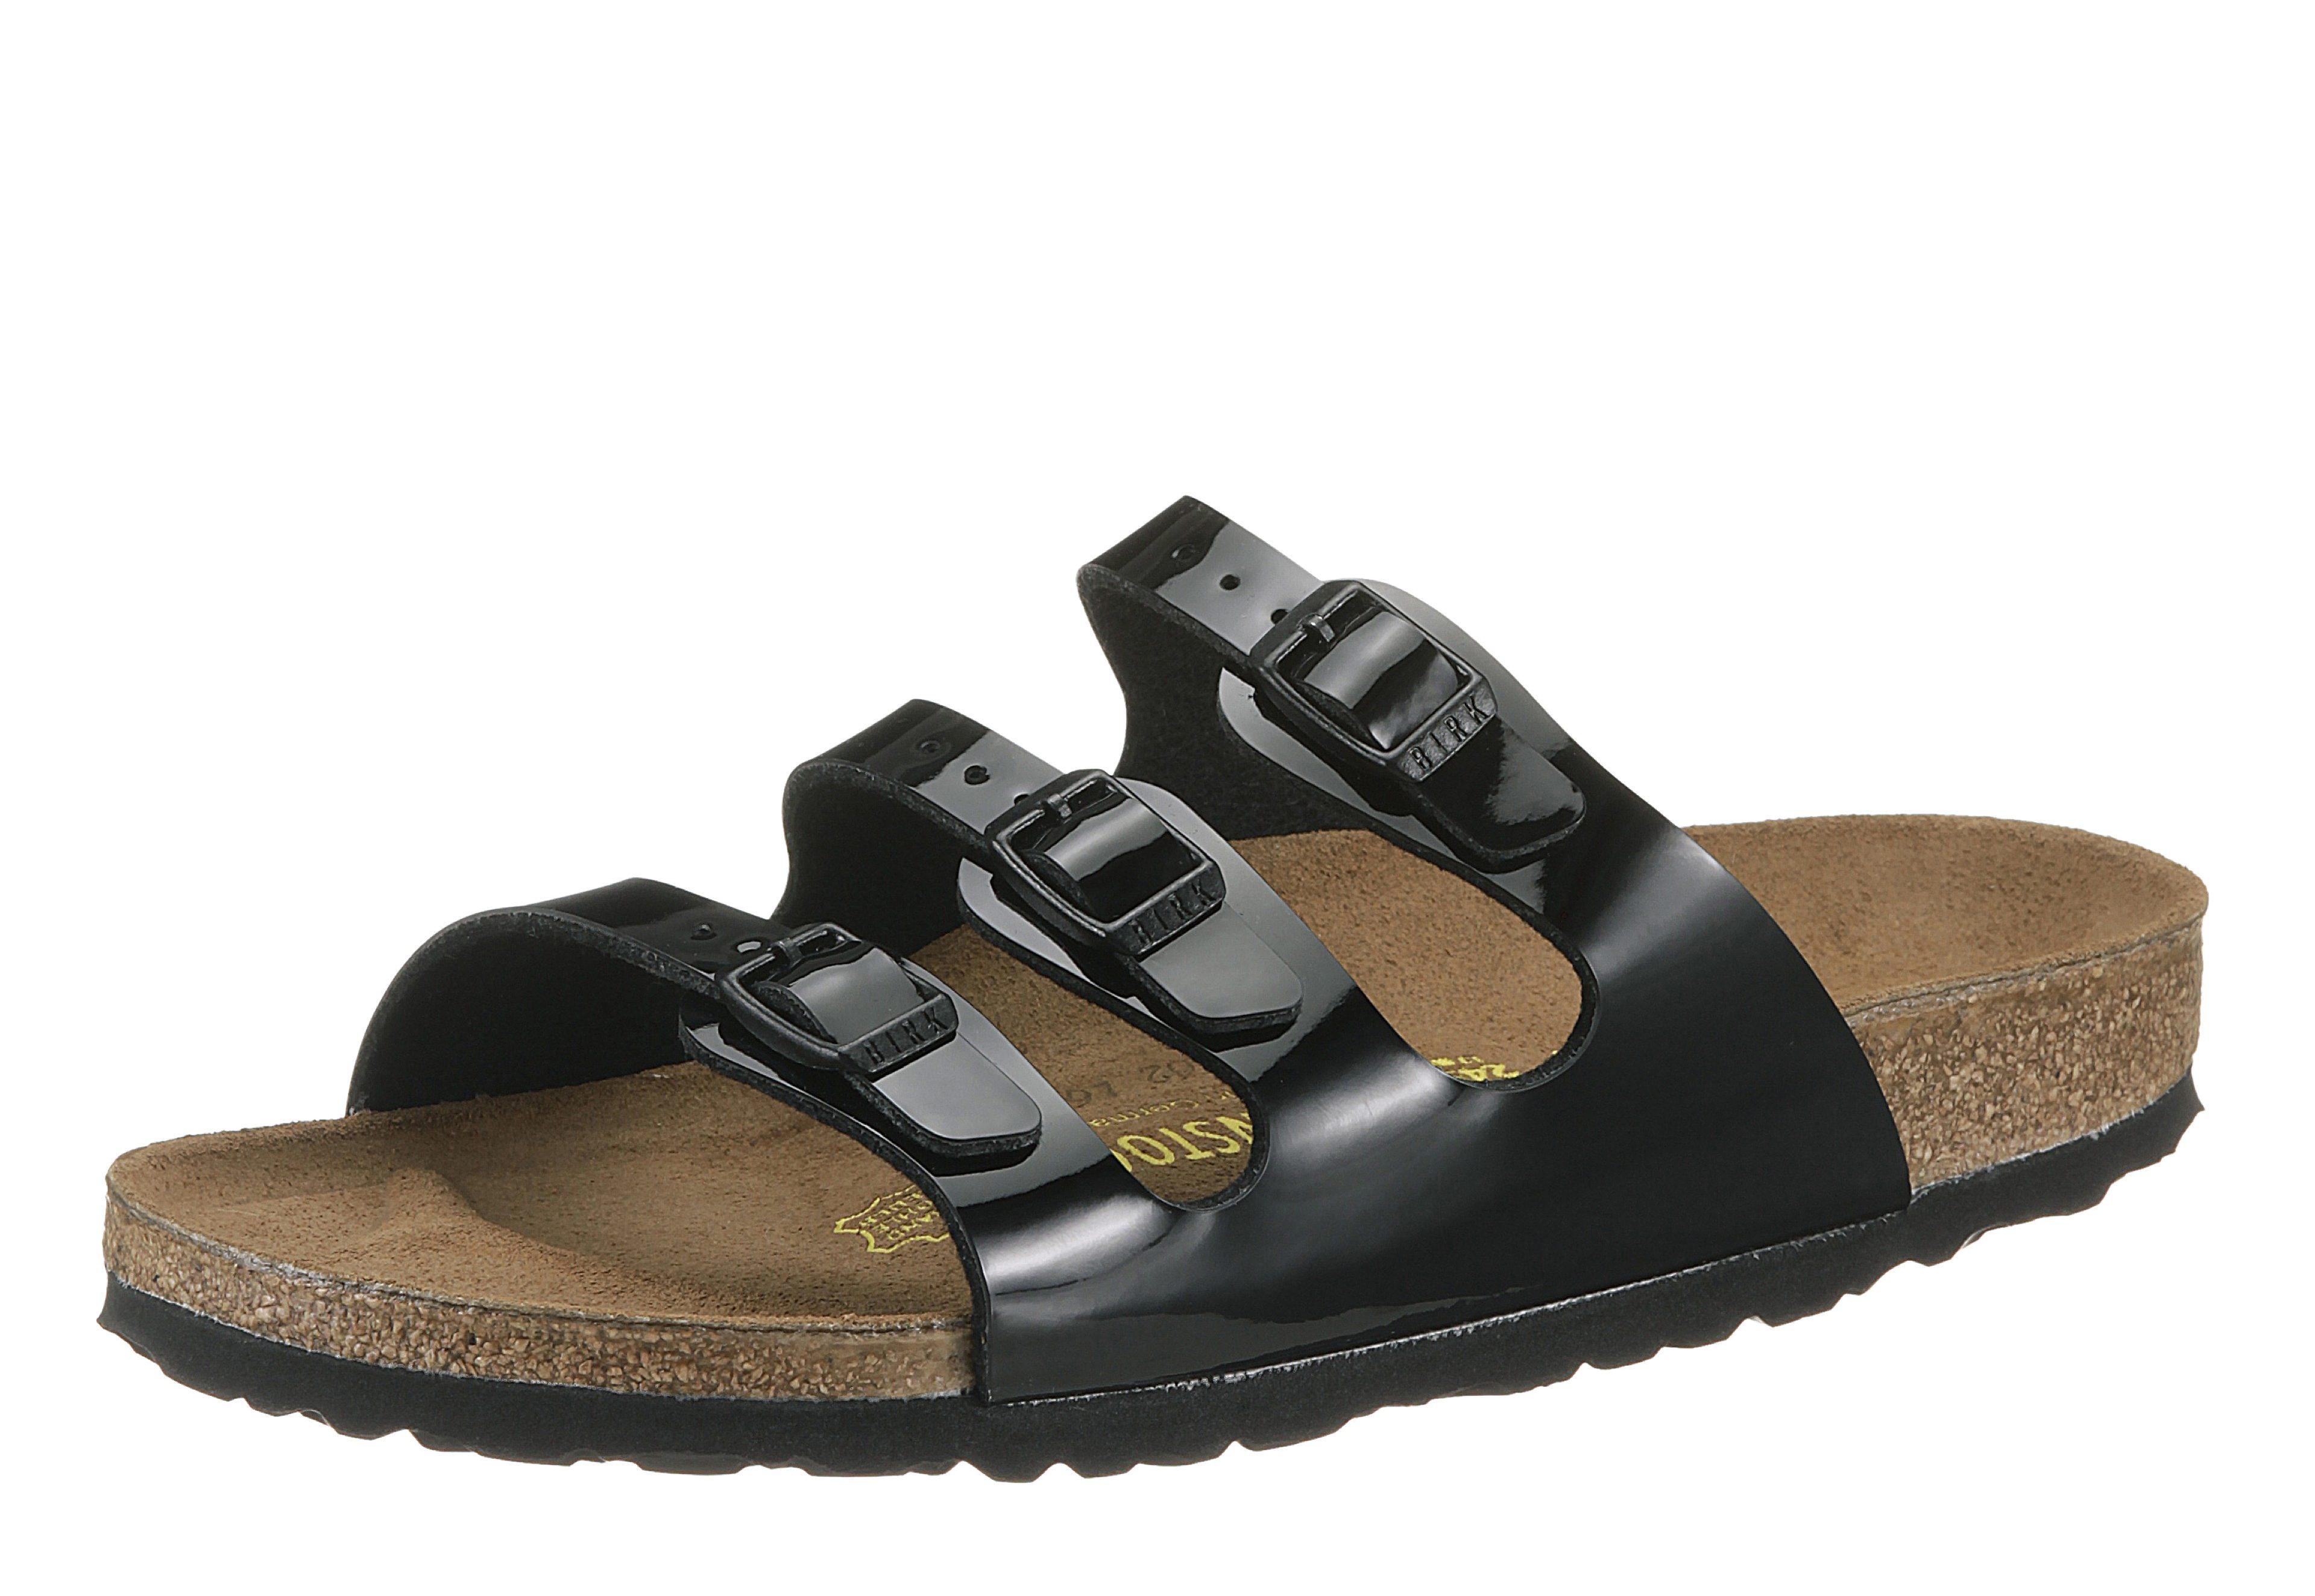 Birkenstock FLORIDA Pantolette, in Schuhweite: schmal online kaufen  schwarz-glänzend